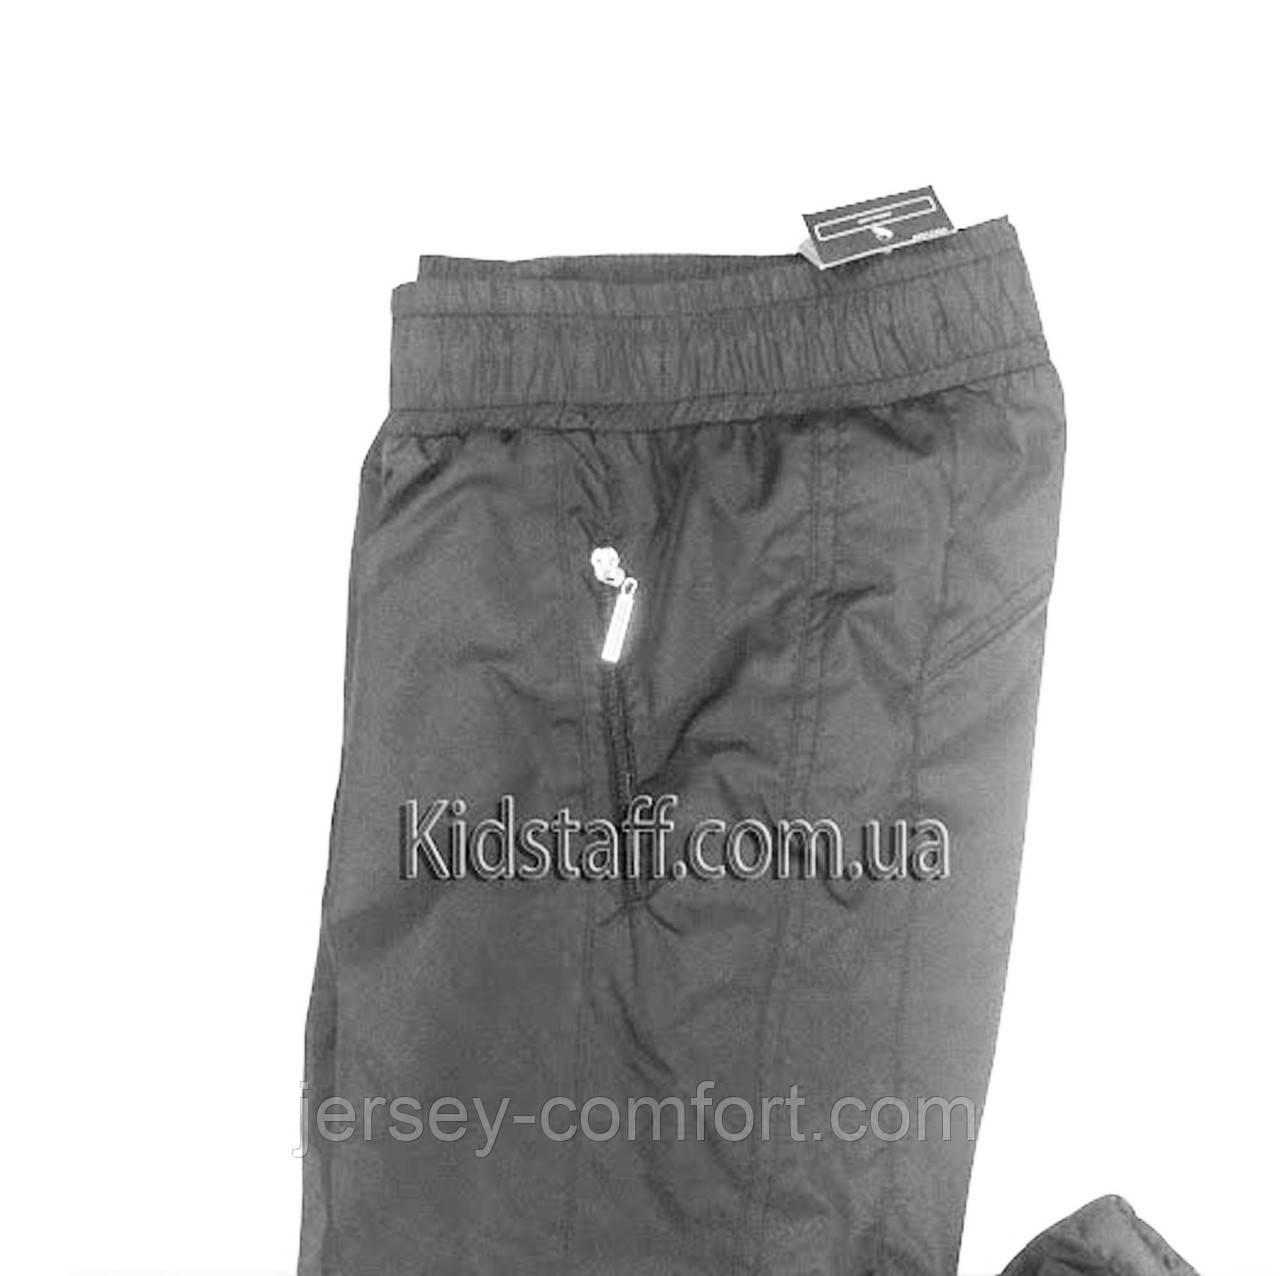 Женские зимние брюки. Брюки  женские утепленные плащевка(флис)